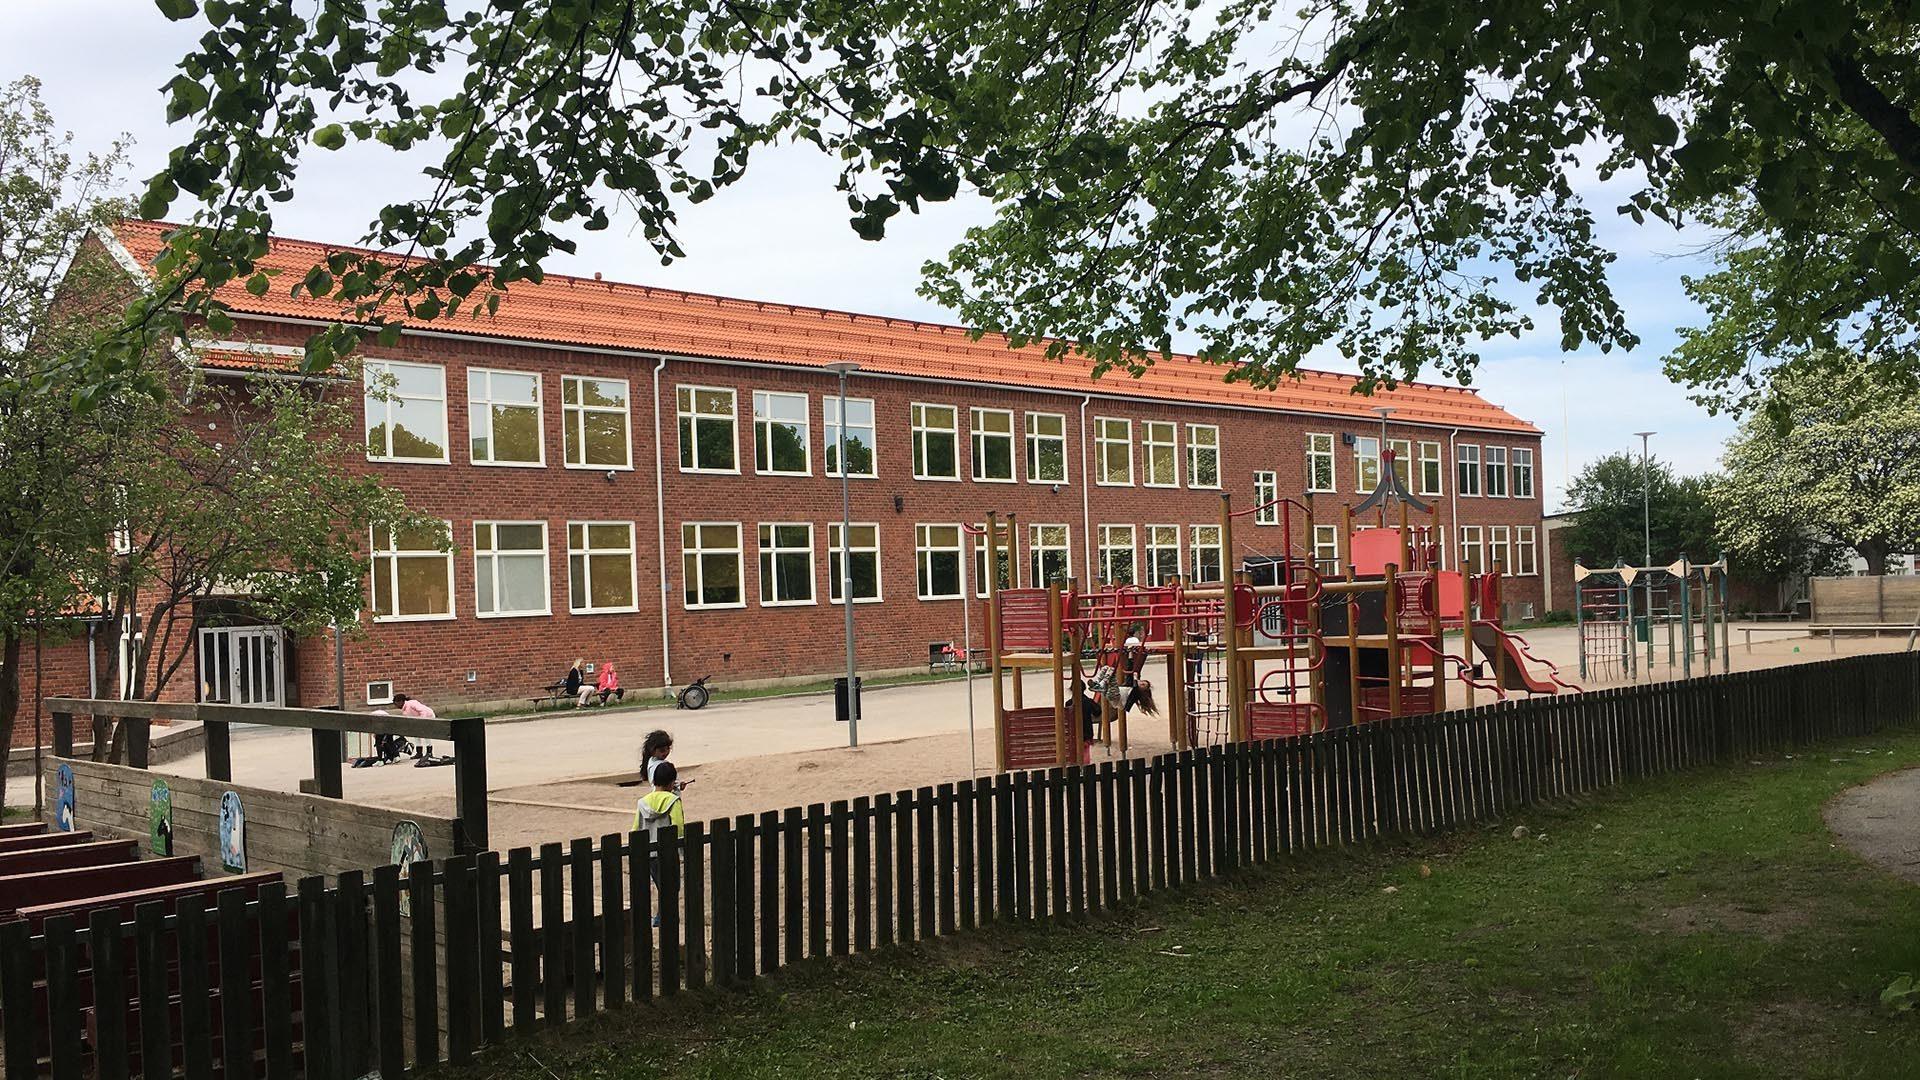 Solängsskolan sett från utsidan